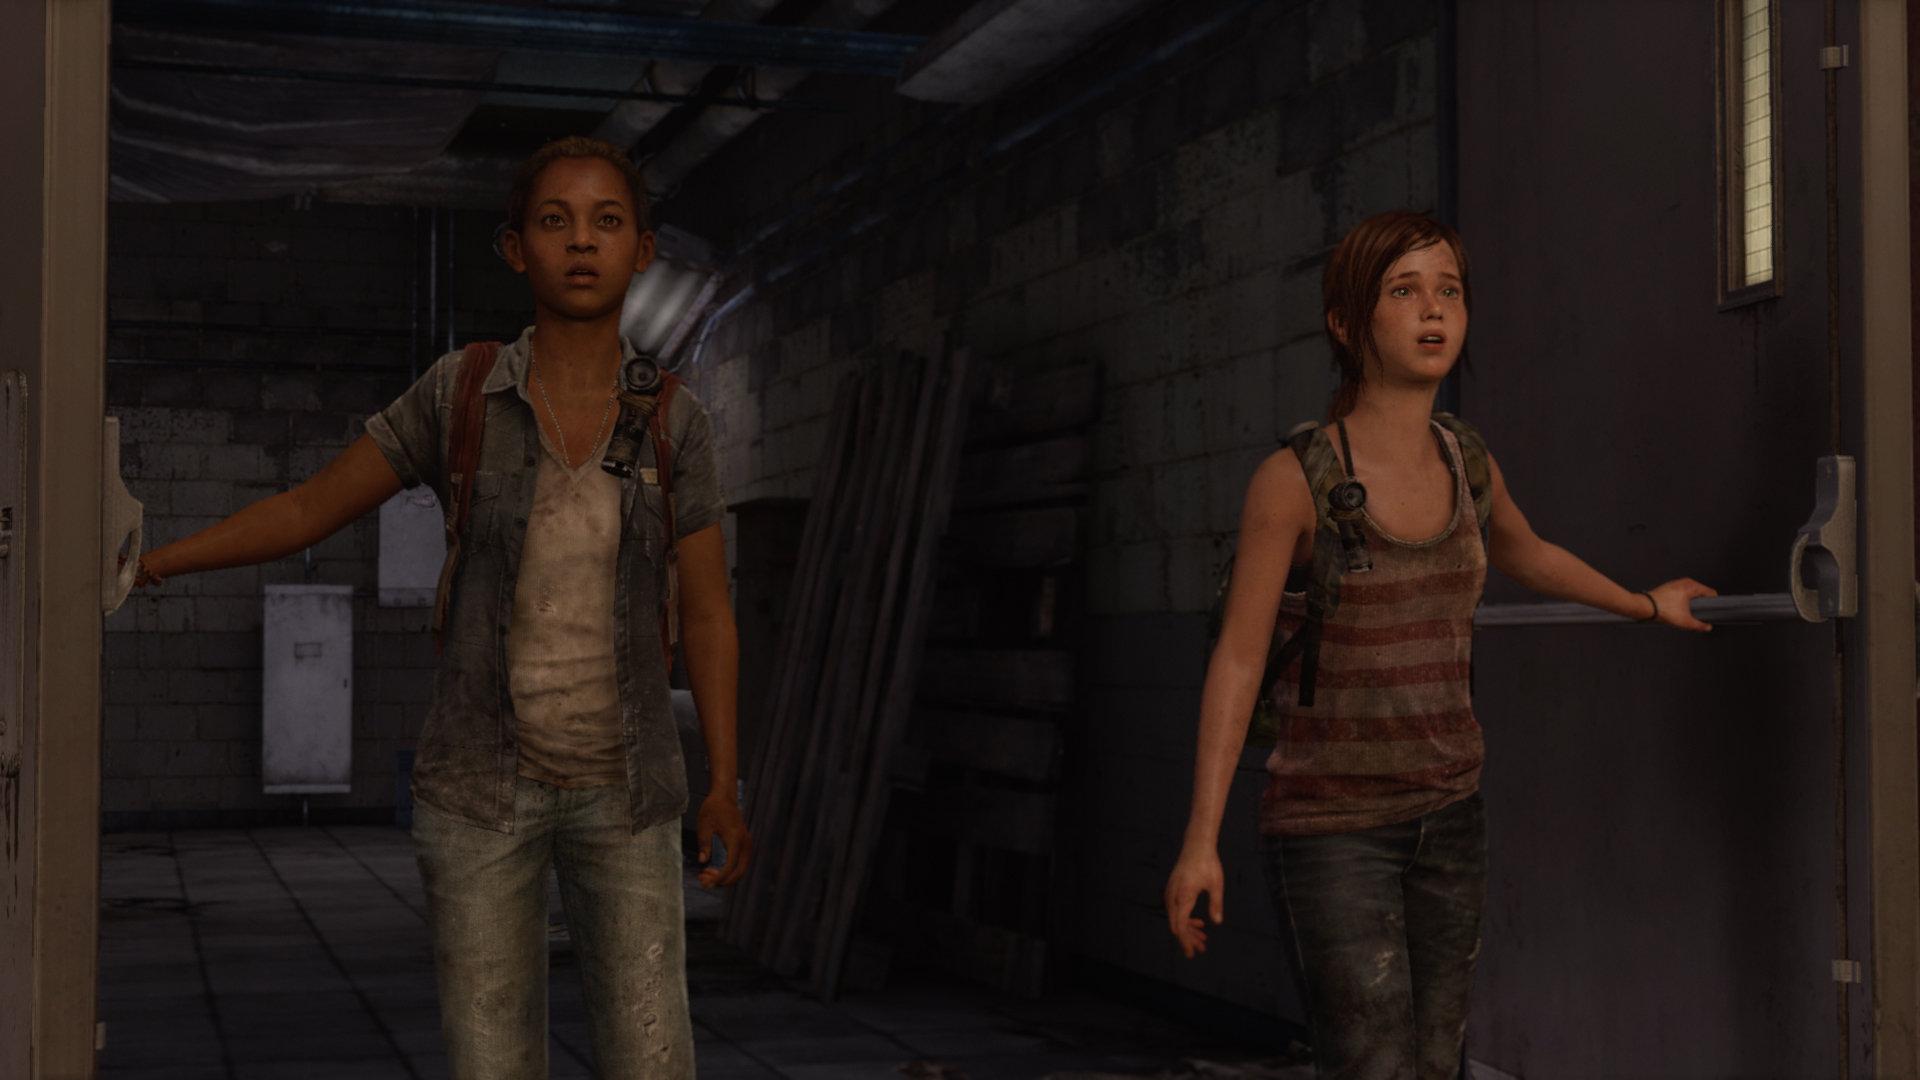 Riley og Ellie på vei inn på kjøpesenteret i Last of Us: Left Behind. | Foto: Naughty Dog / Sony Interactive Entertainment